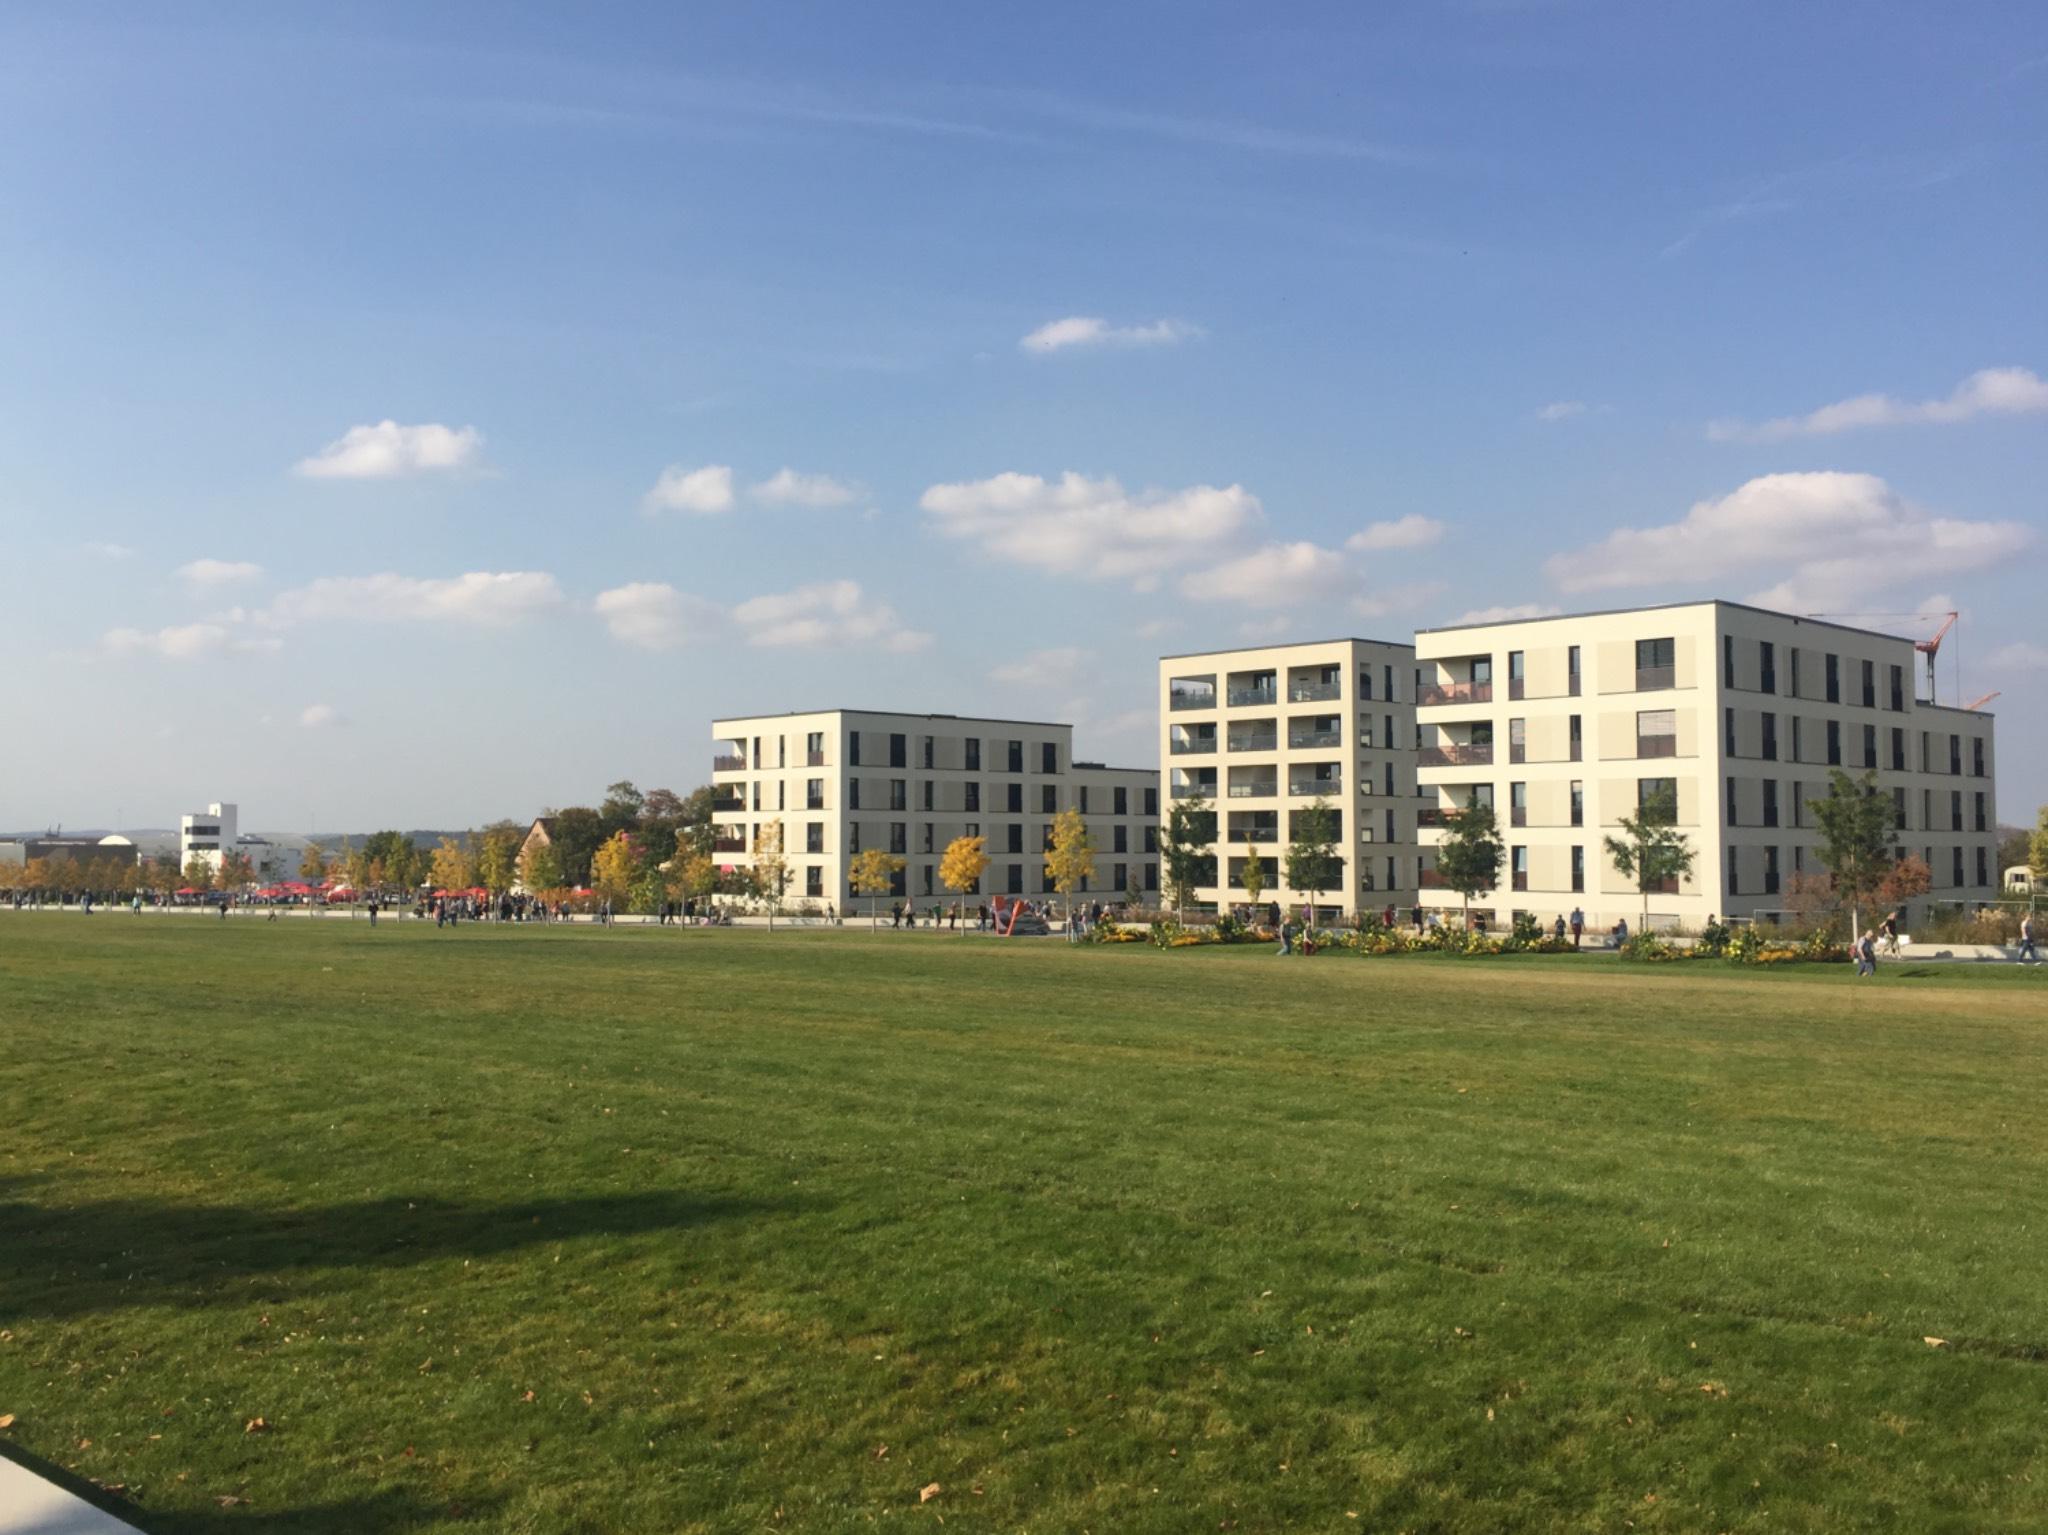 Der neue Stadtteil Hubland wächst. Foto: Katharina Kraus